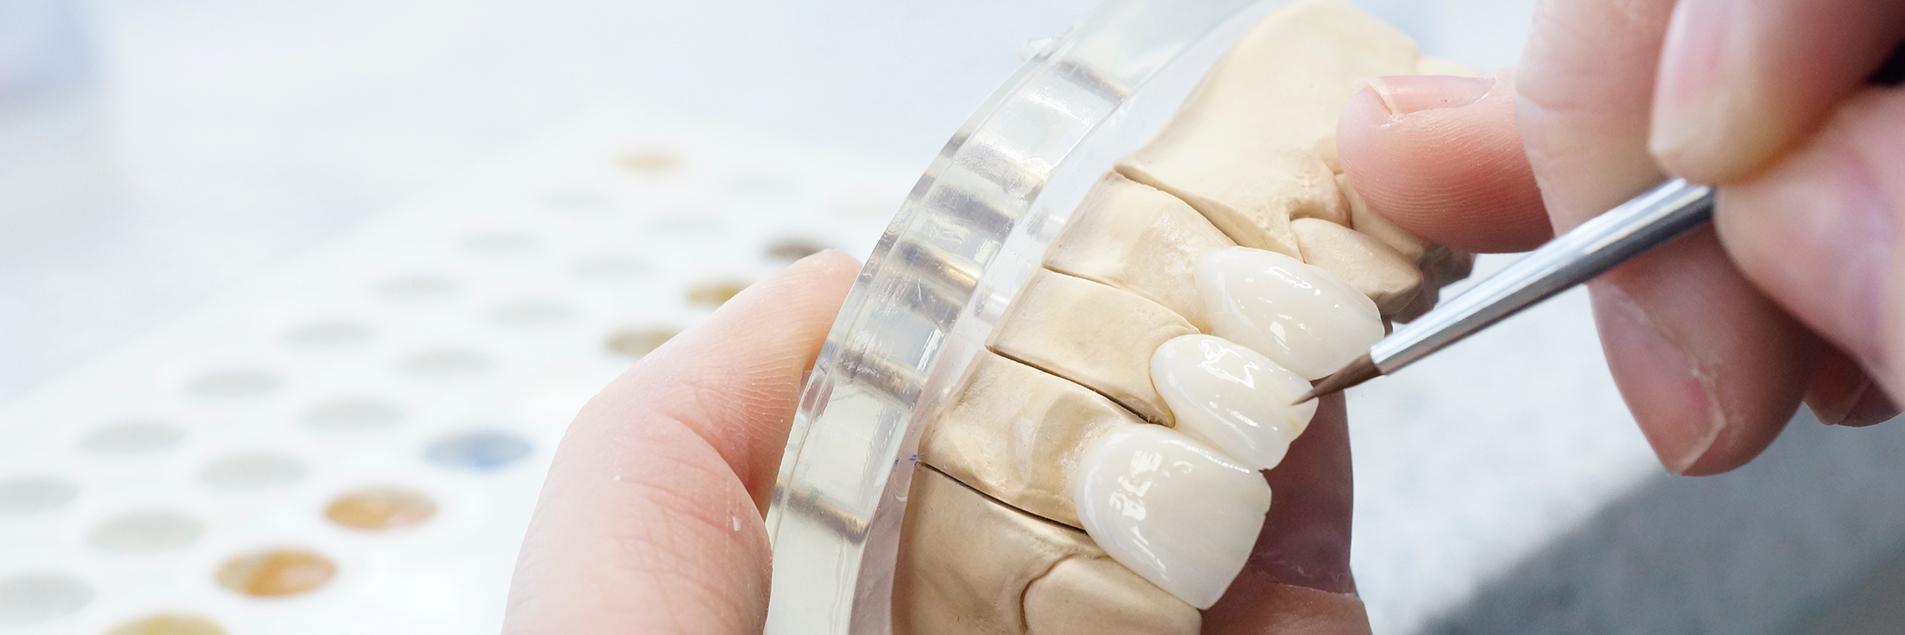 BM Dental laboratory at work